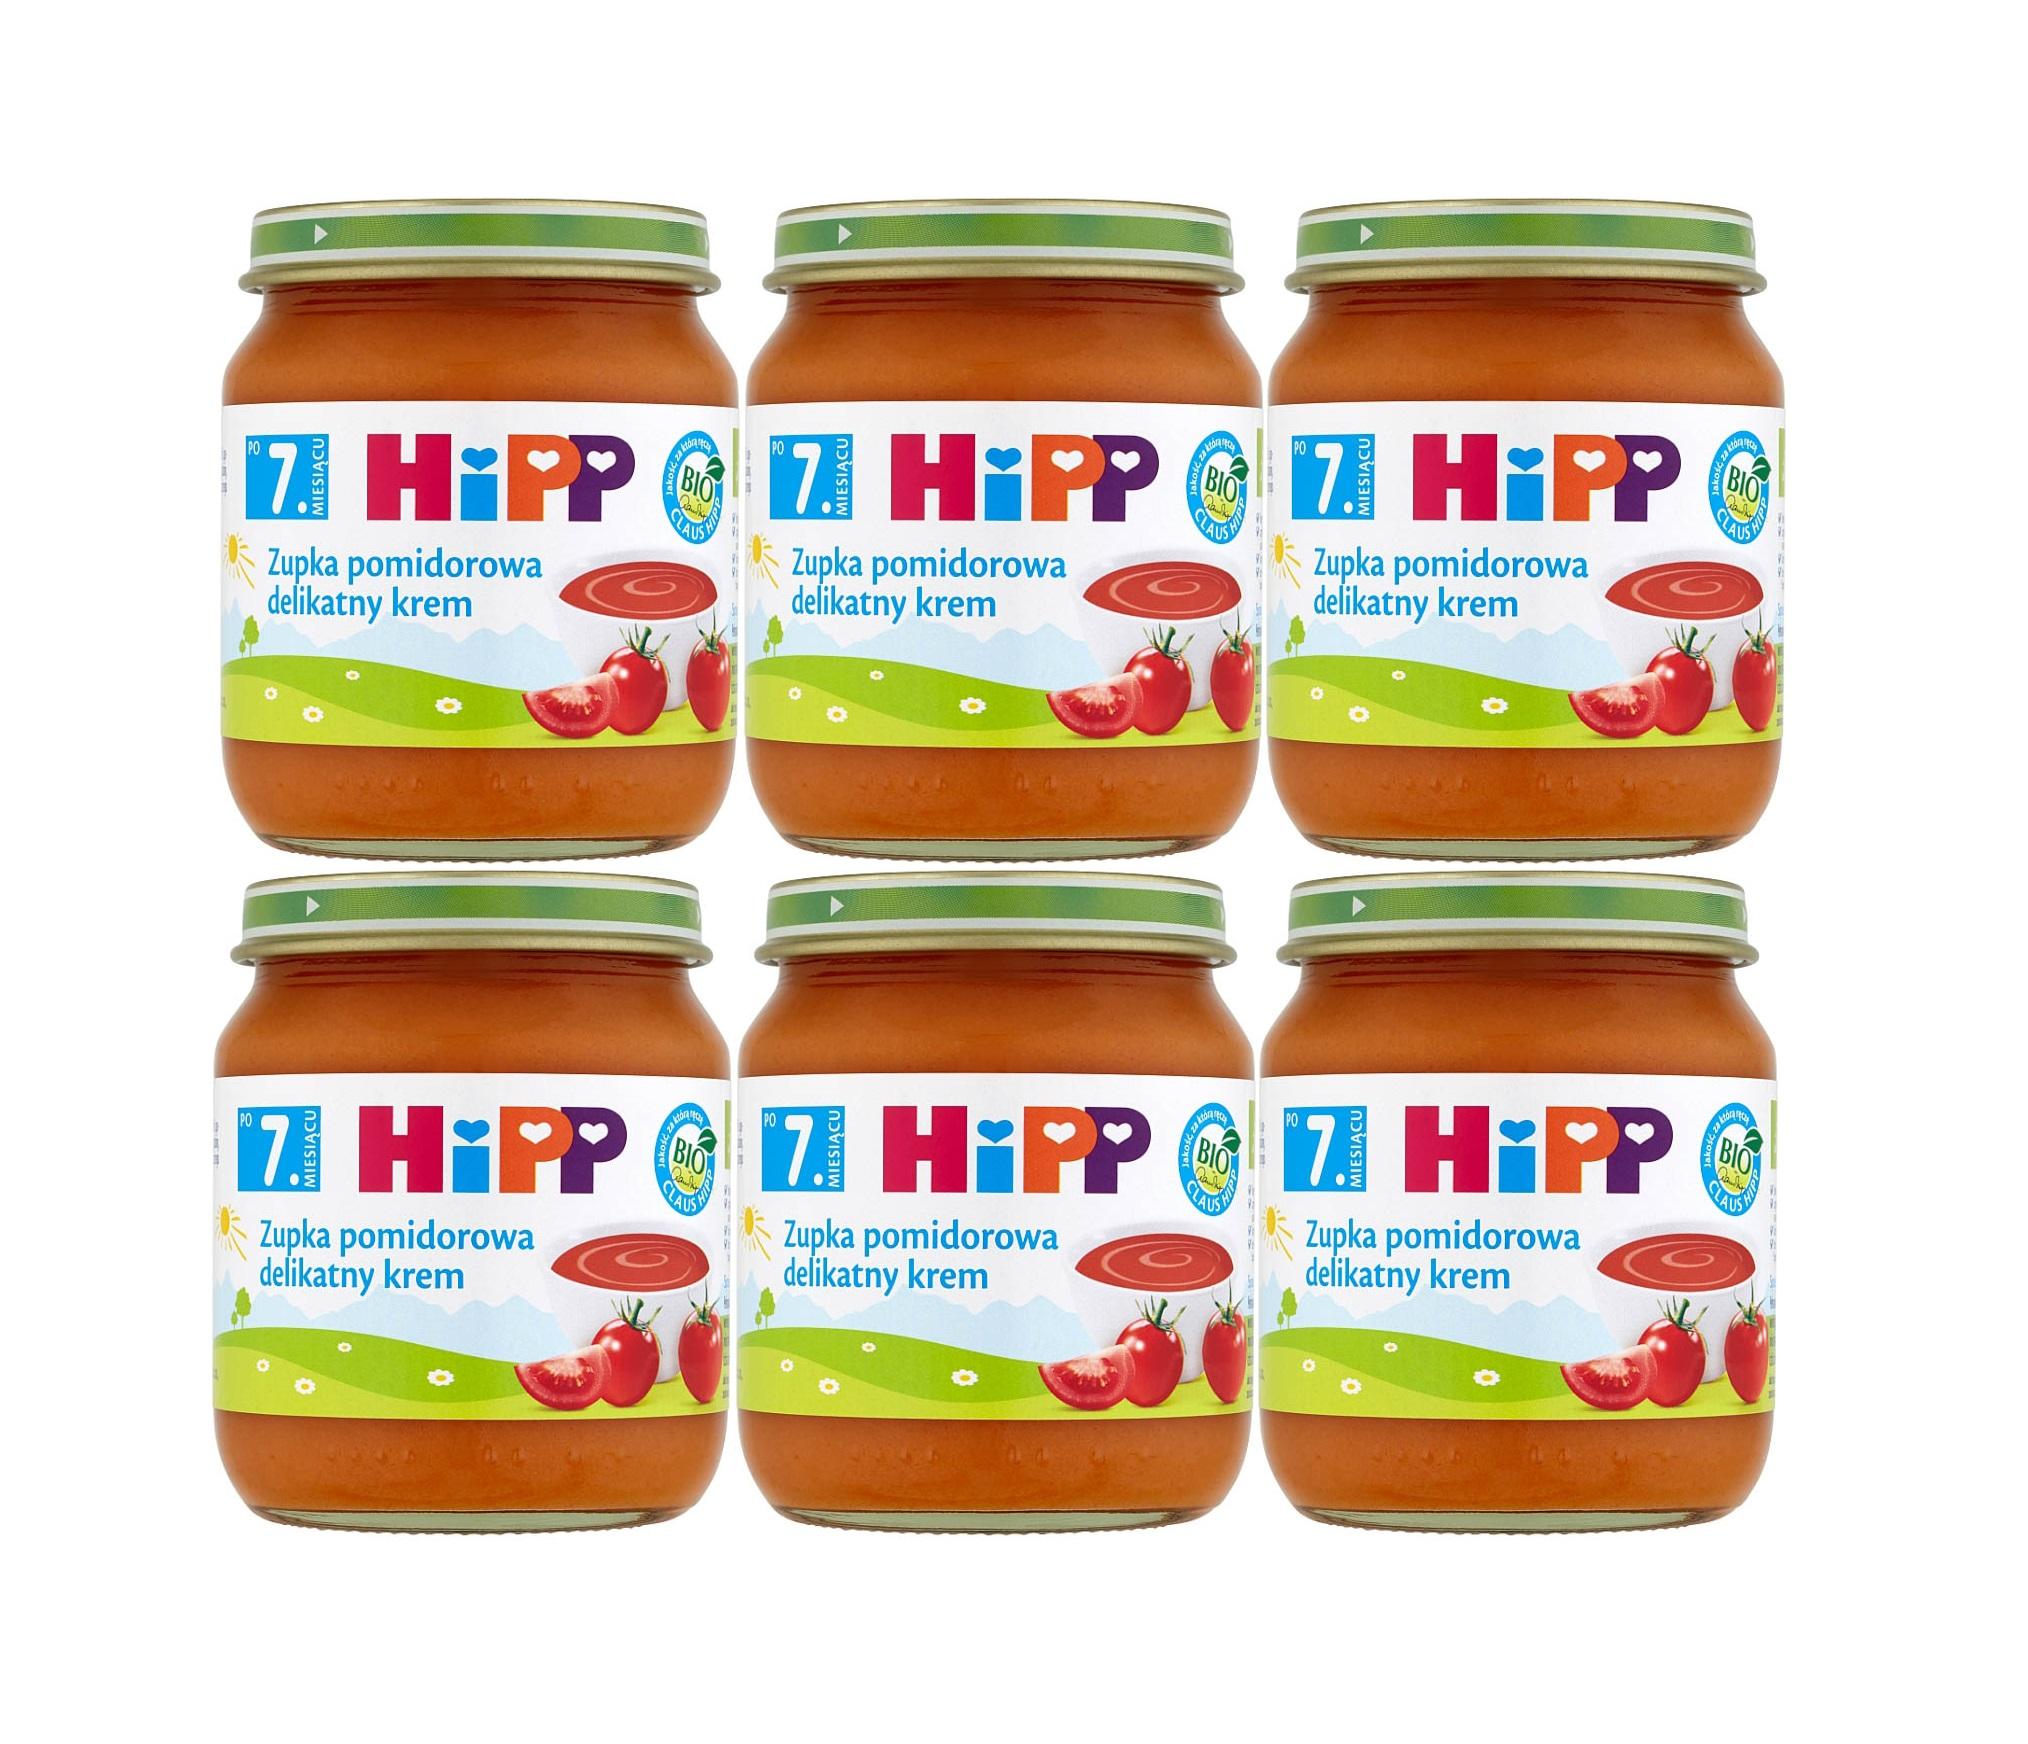 6 pak hipp 250 zupka pomidorowa delitakny krem